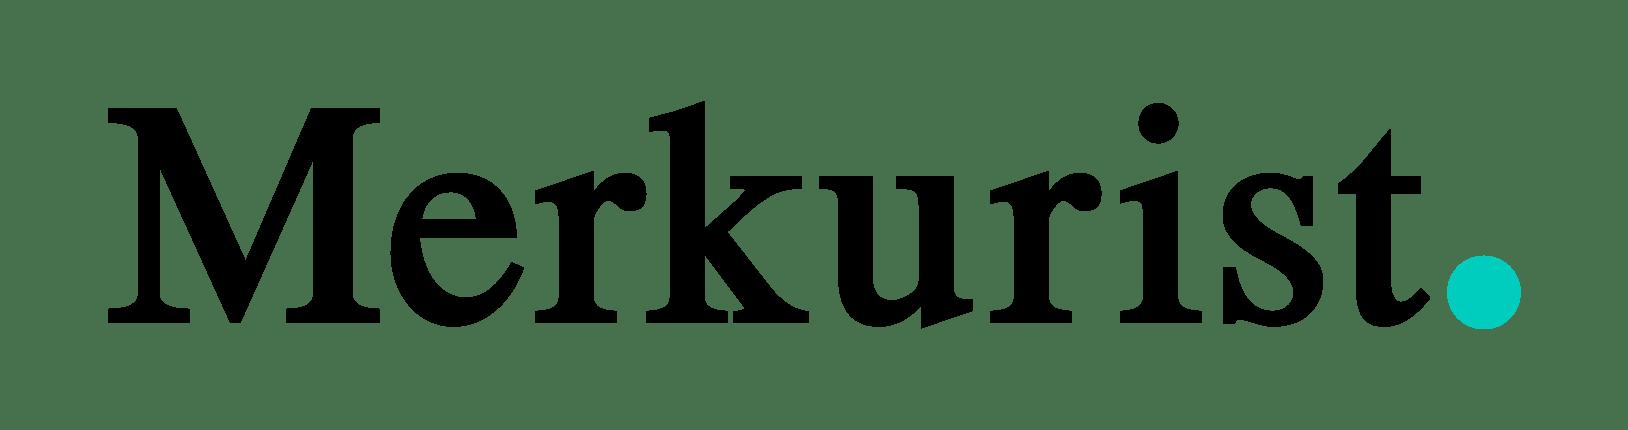 Merkurist_logo_neu2017